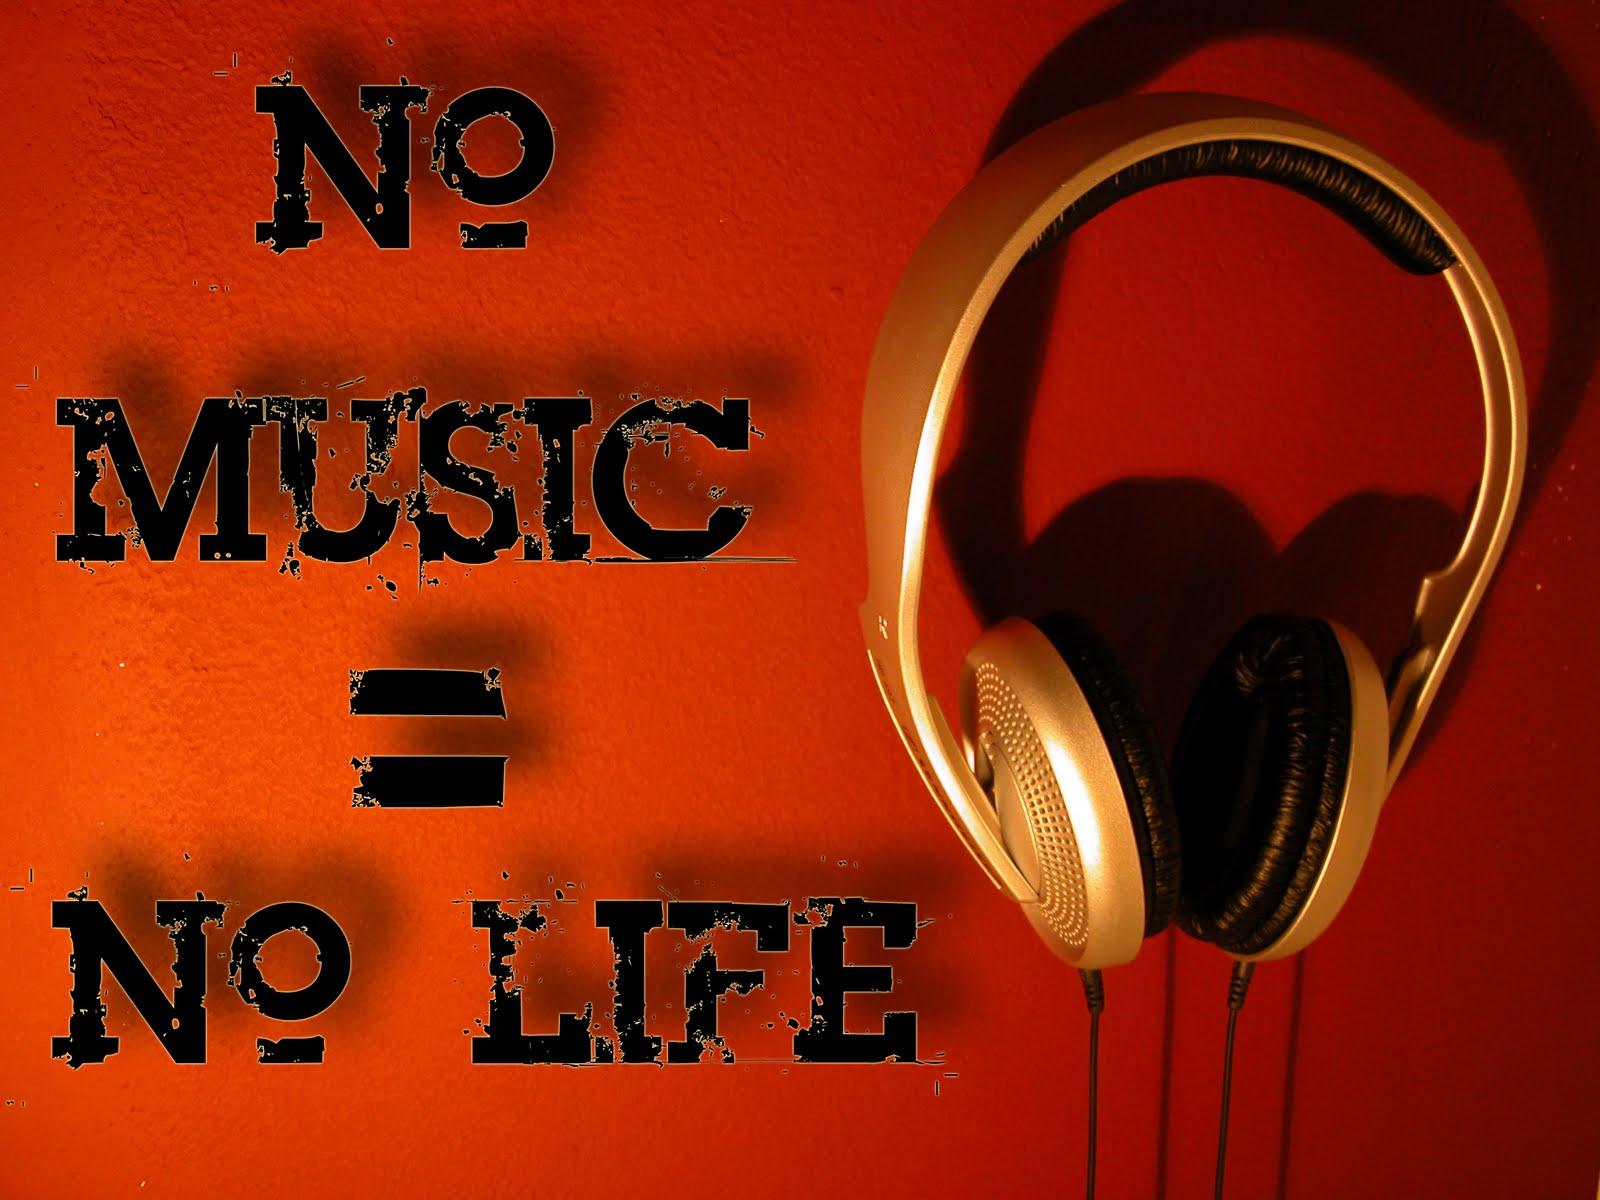 http://2.bp.blogspot.com/-WttIrh_uLoU/Td1skMDAcnI/AAAAAAAAB8g/dEOA_rcadI4/s1600/no_music__no_life_by_ristiii.jpg